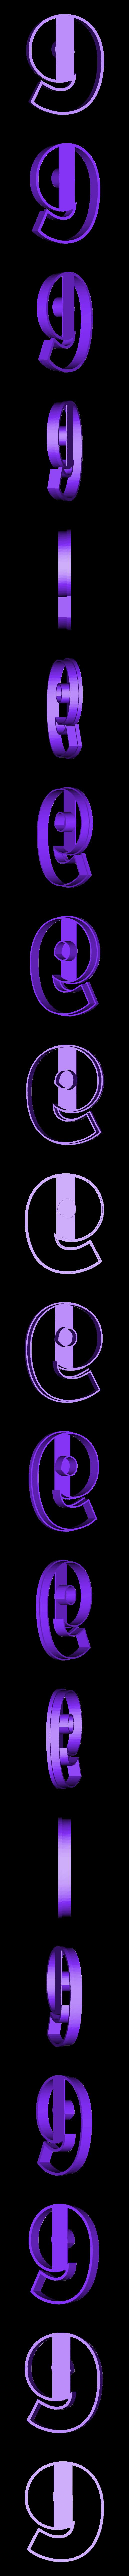 9.STL Télécharger fichier STL gratuit Lot de 10 moules à biscuits numérotés • Design à imprimer en 3D, icepro10